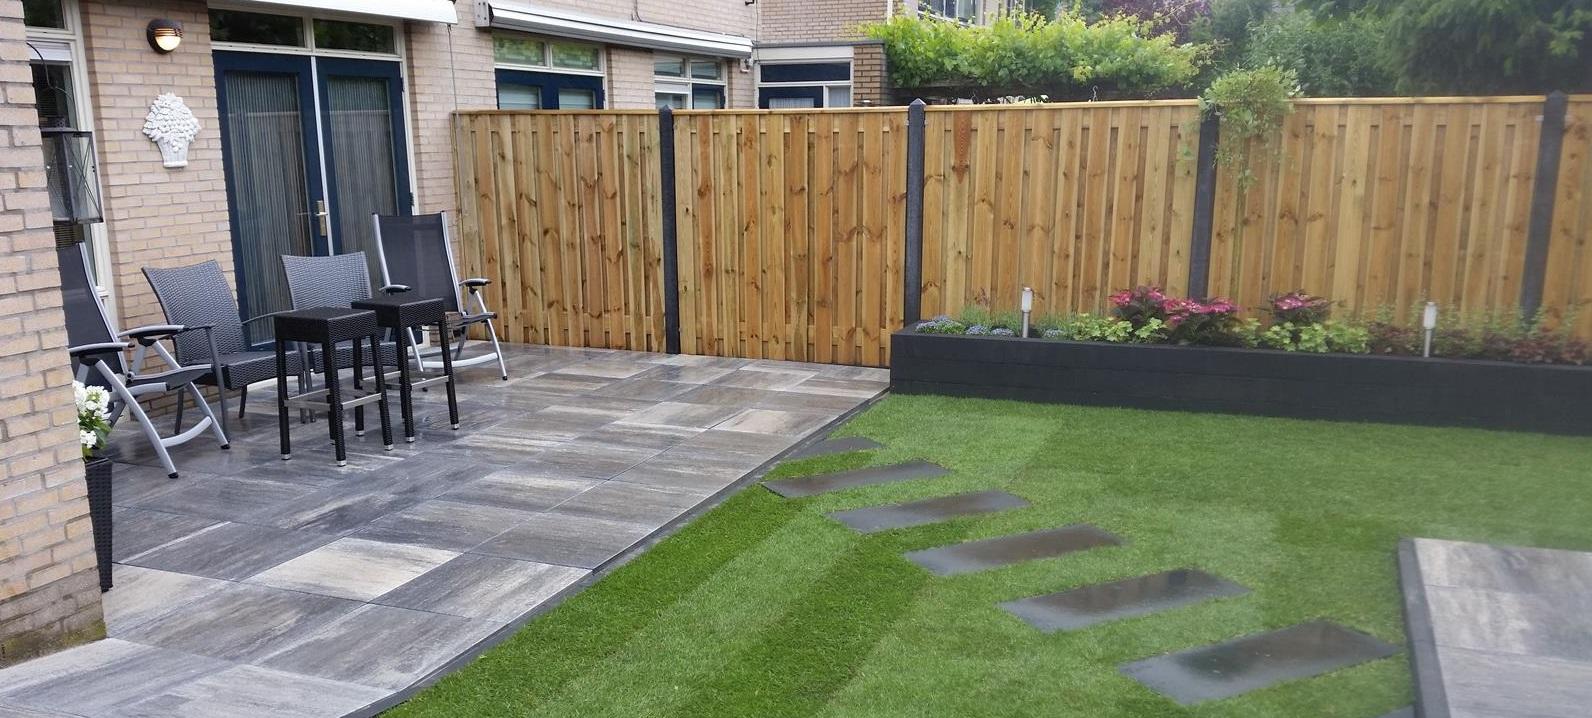 Groen karwei - Hoe aangelegde tuin ...